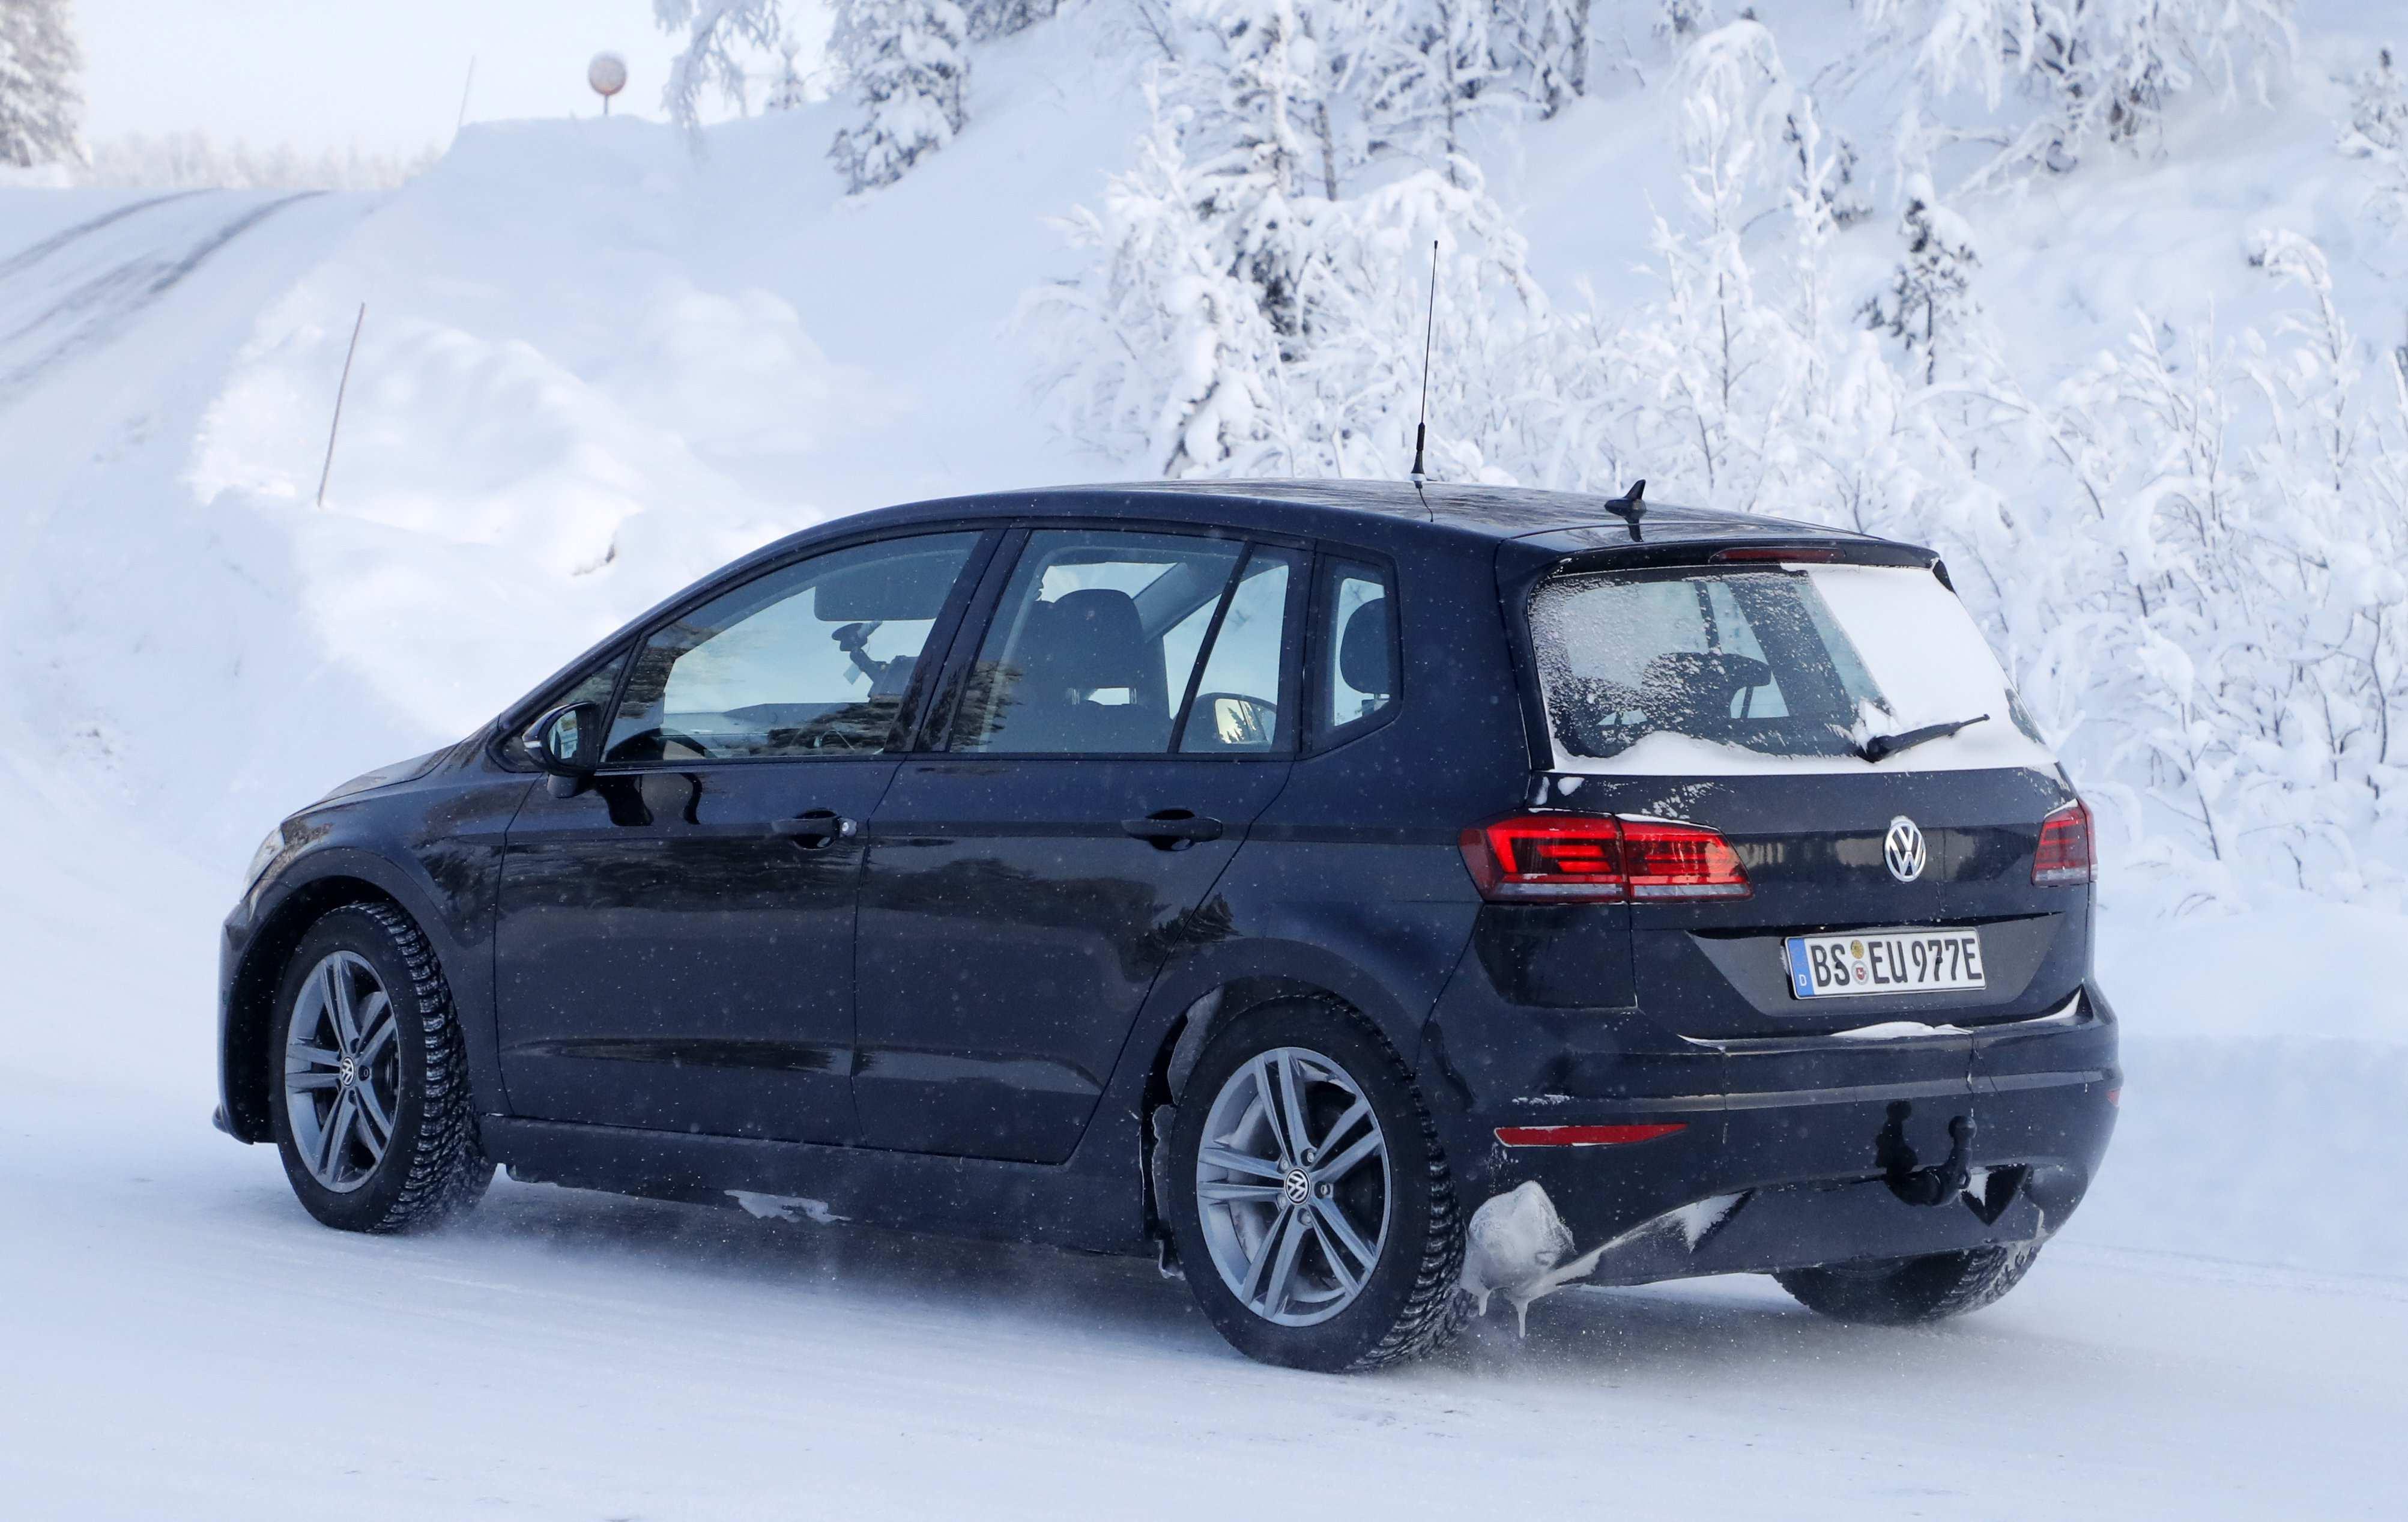 45 New 2020 Volkswagen Id Price Wallpaper with 2020 Volkswagen Id Price